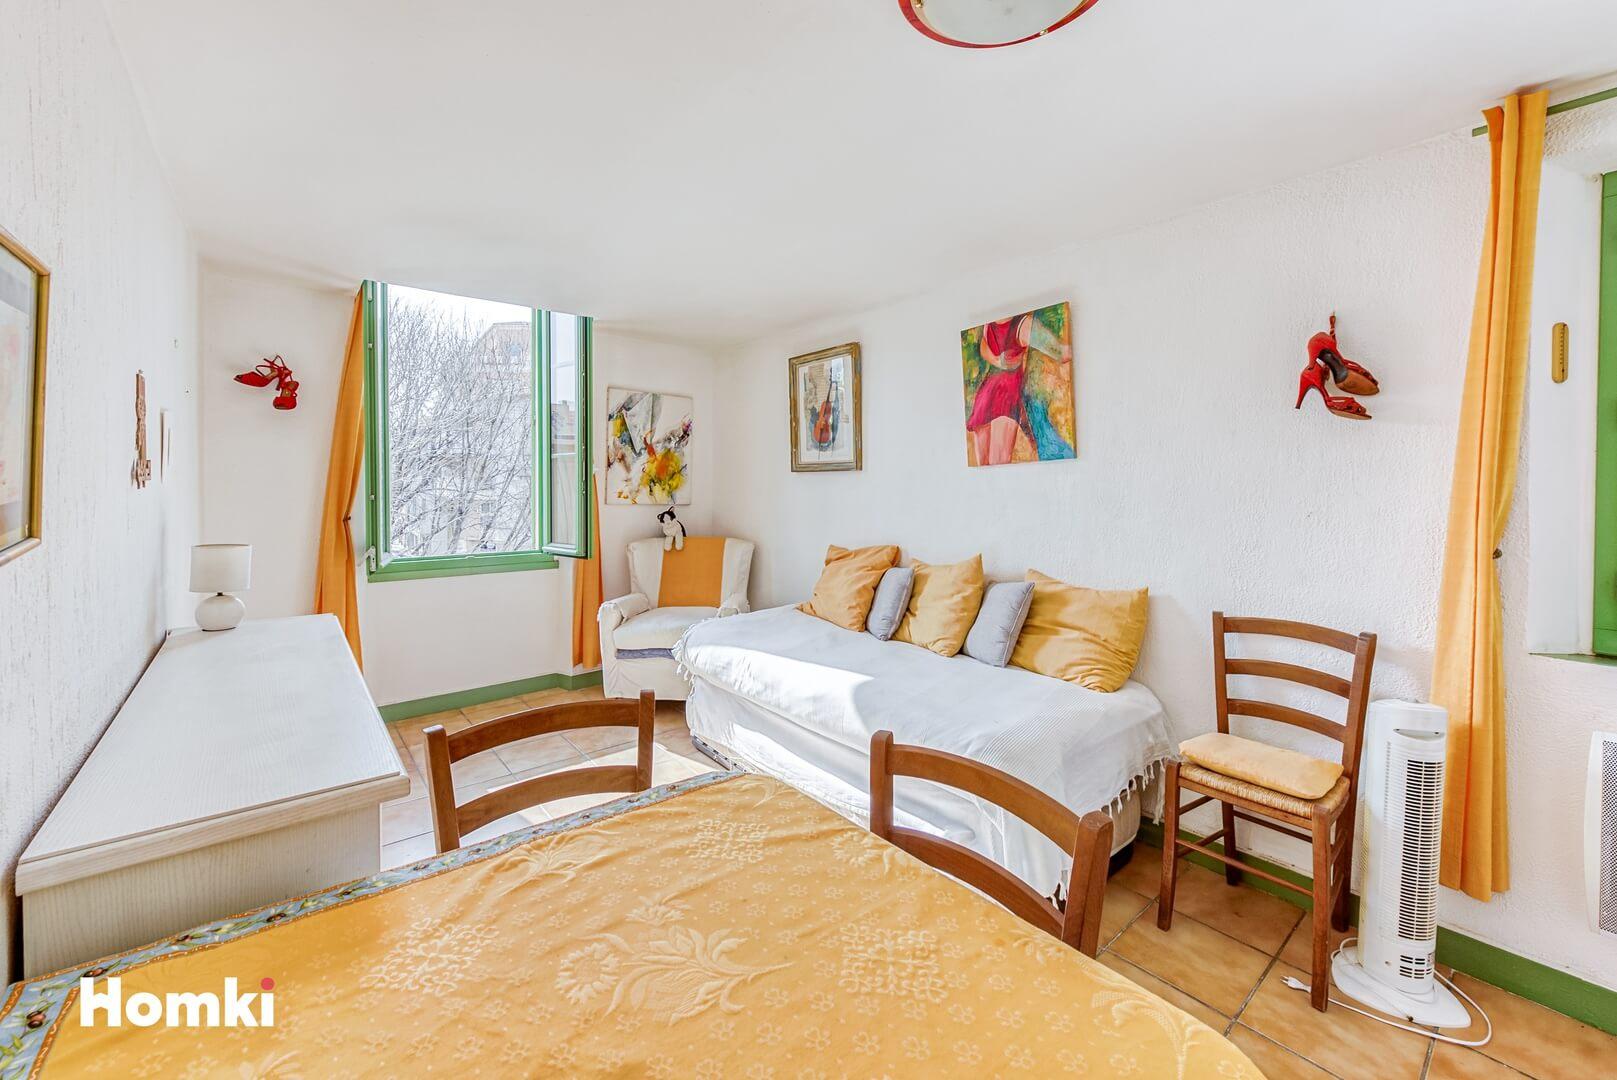 Homki - Vente Appartement  de 20.0 m² à Antibes 06600